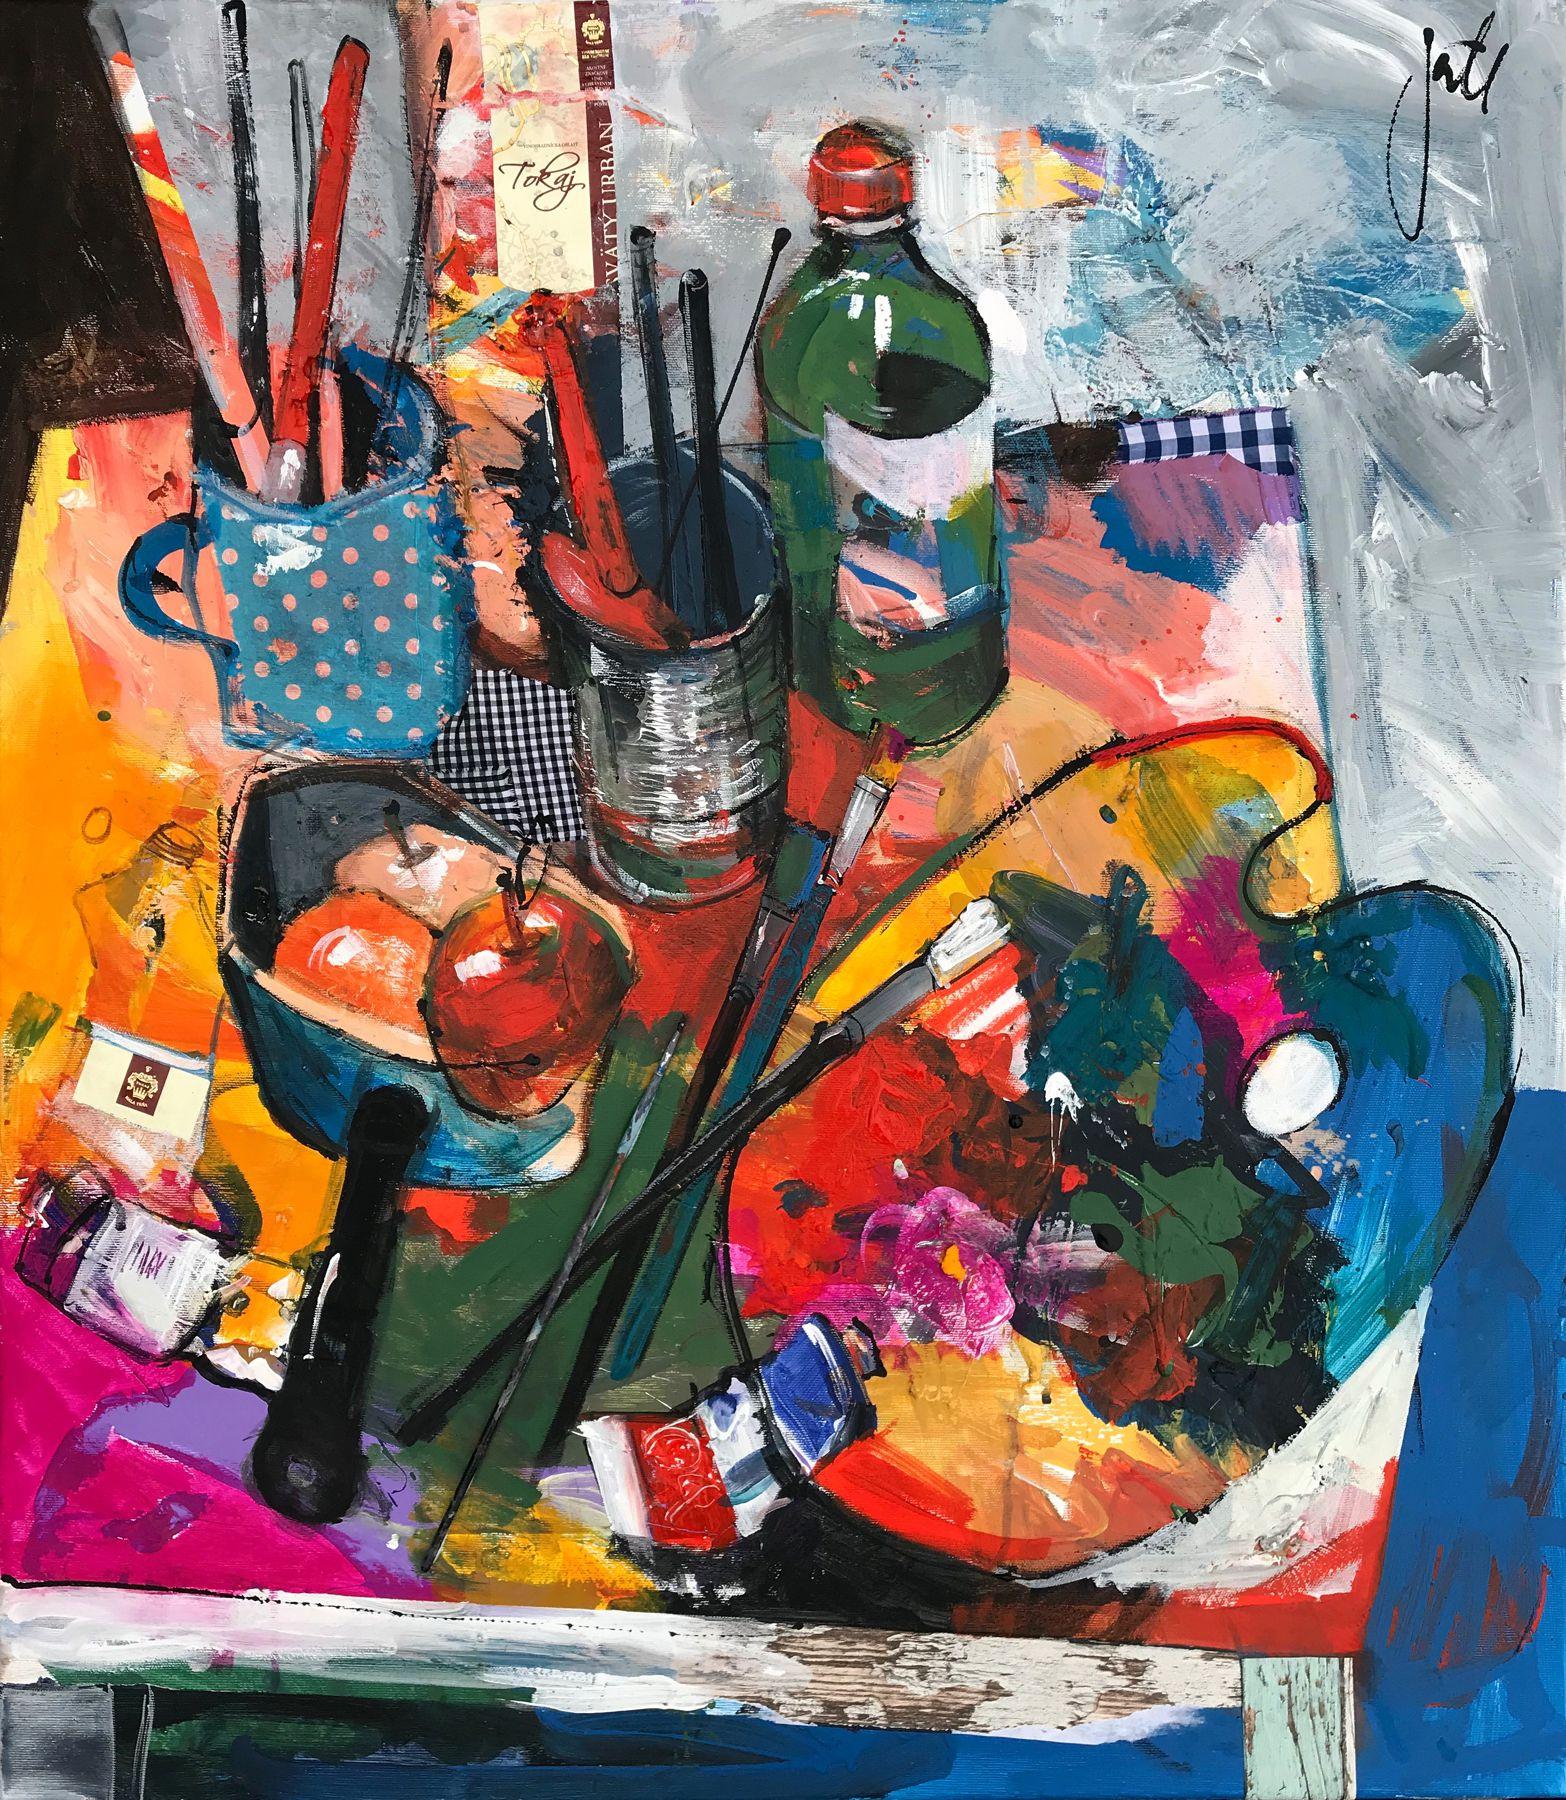 Jonsy Gáll – Bežný okamih, kombinovaná technika na plátne, 70 x 80 cm